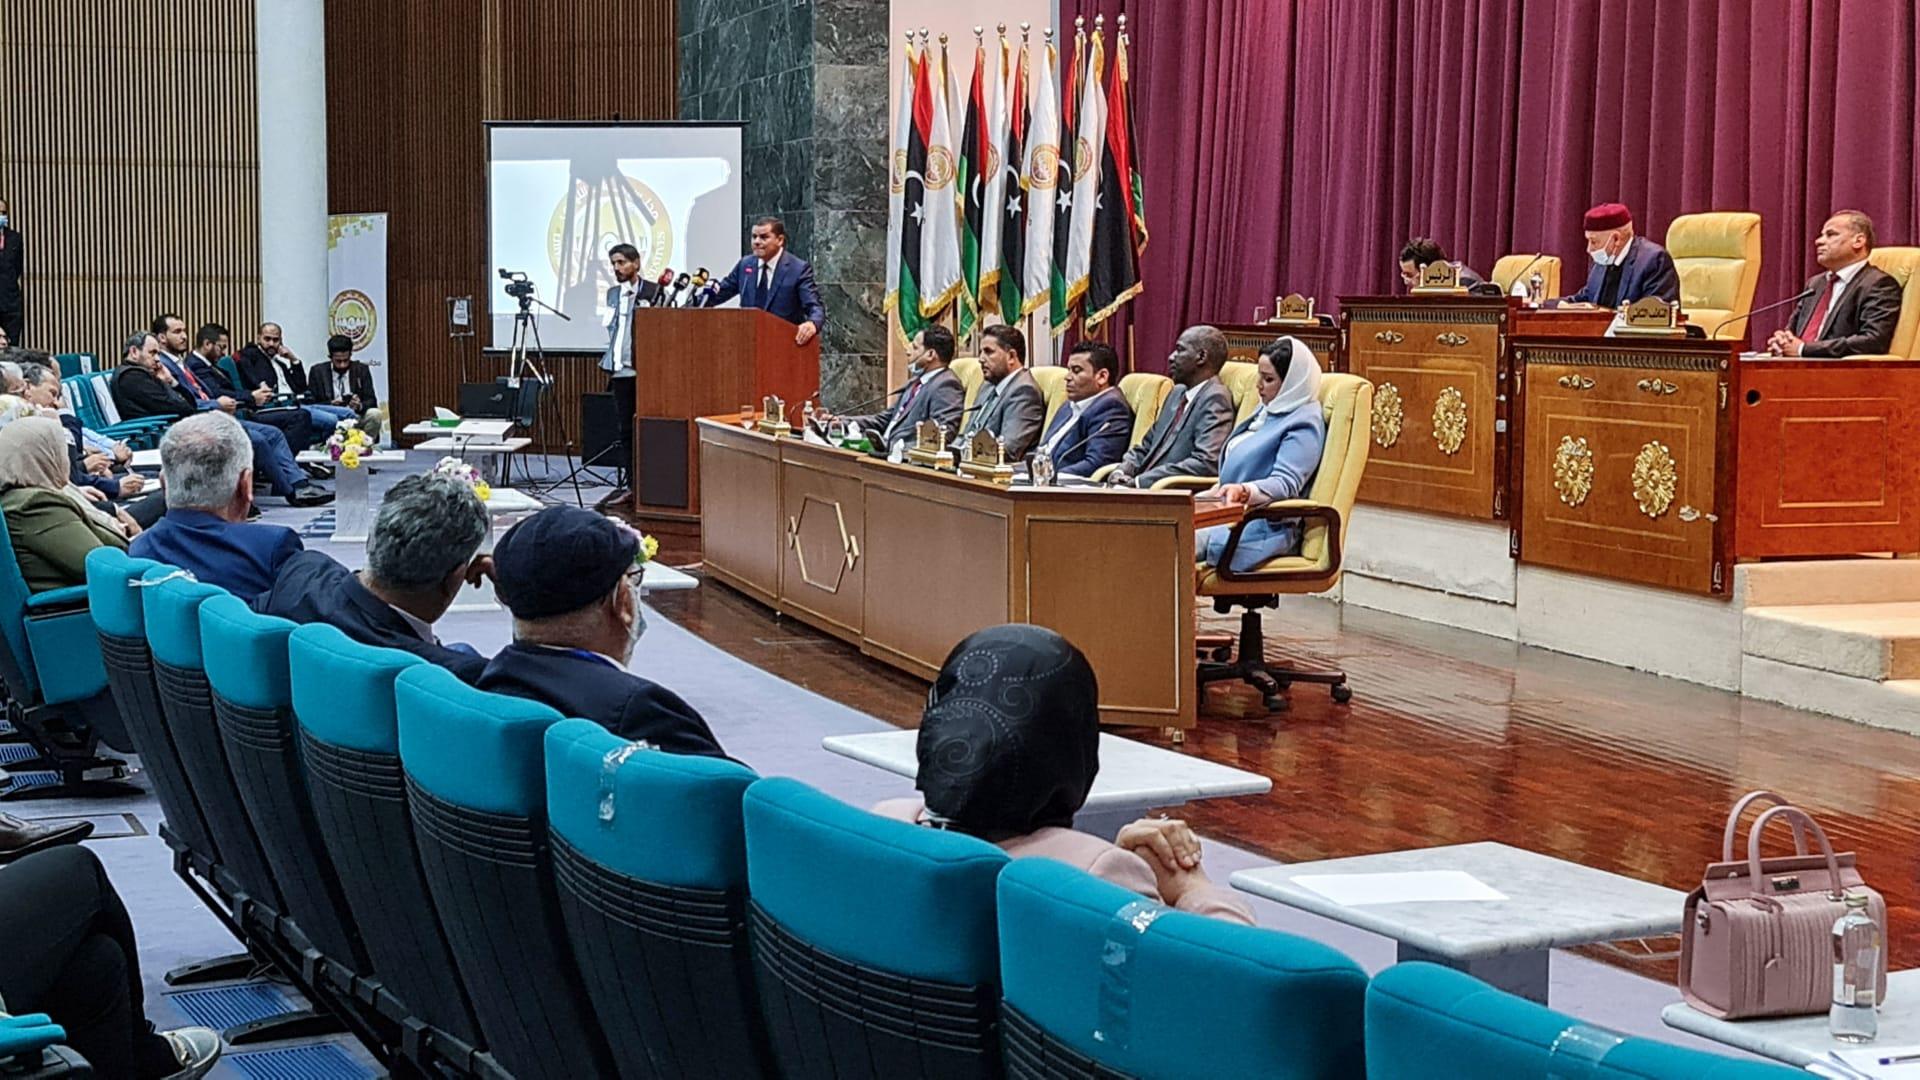 رئيس الوزراء الليبي عبد الحميد الدبيبة يخاطب المشرعين خلال انعقاد البرلمان في مدينة سرت - 9 مارس 2021.